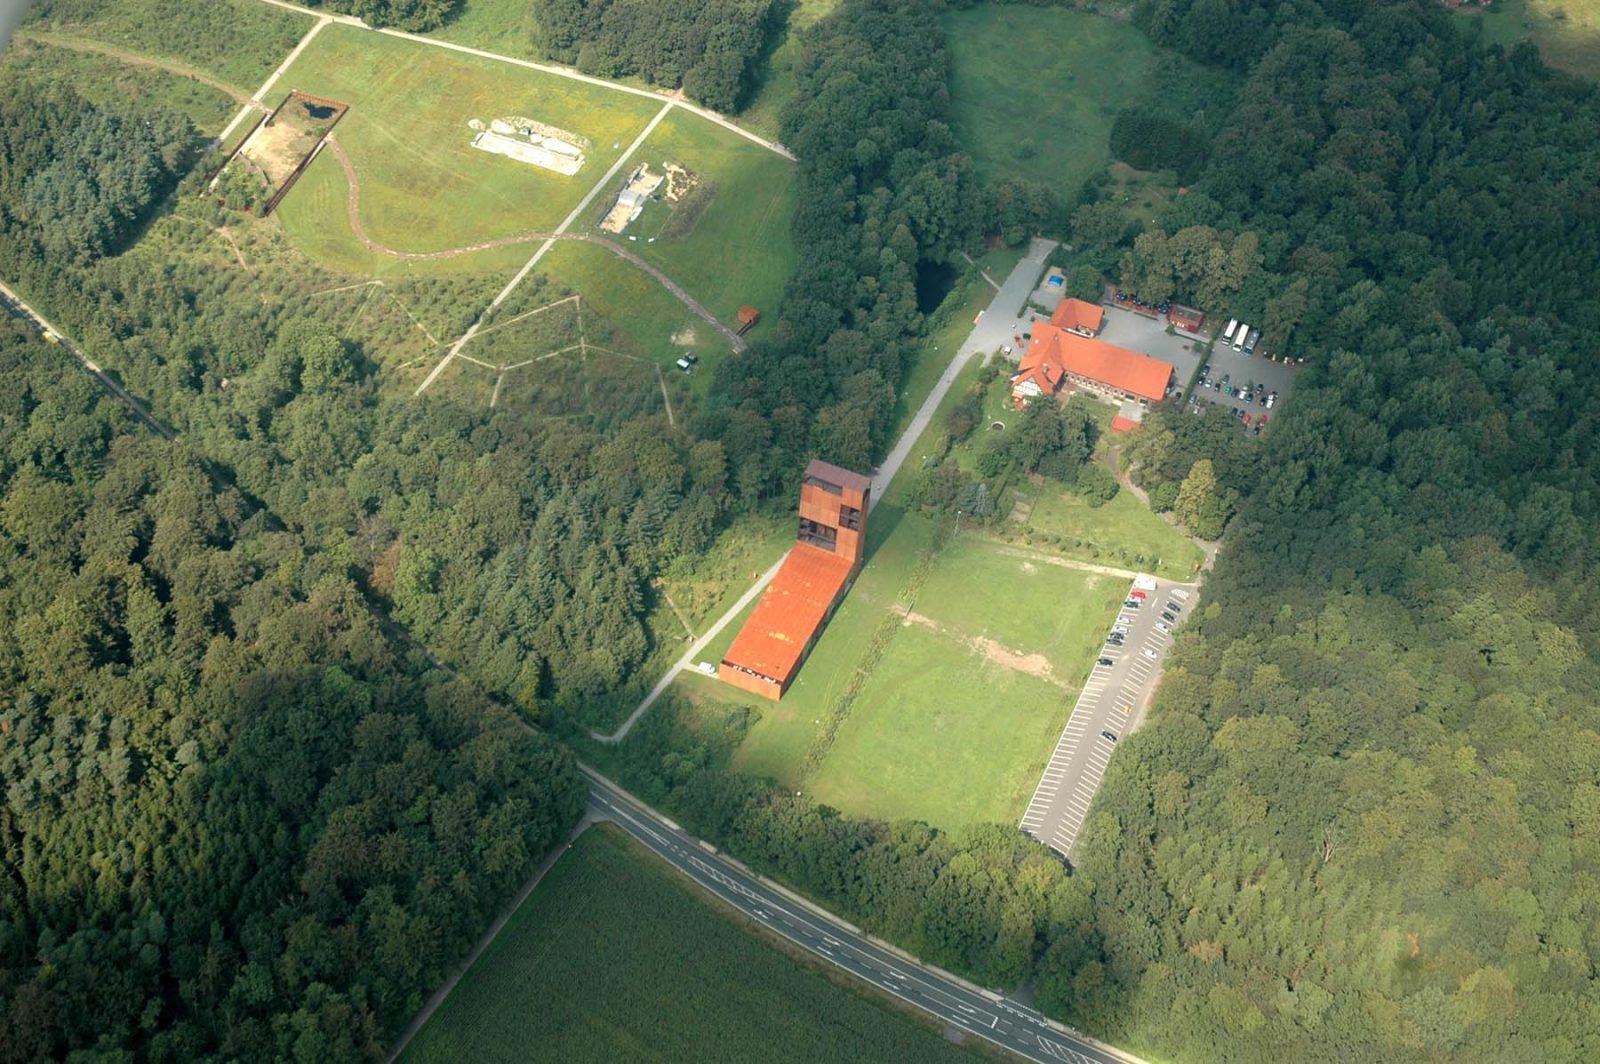 Archäologisches Forschungsfeld am Originalschauplatz der Varusschlacht